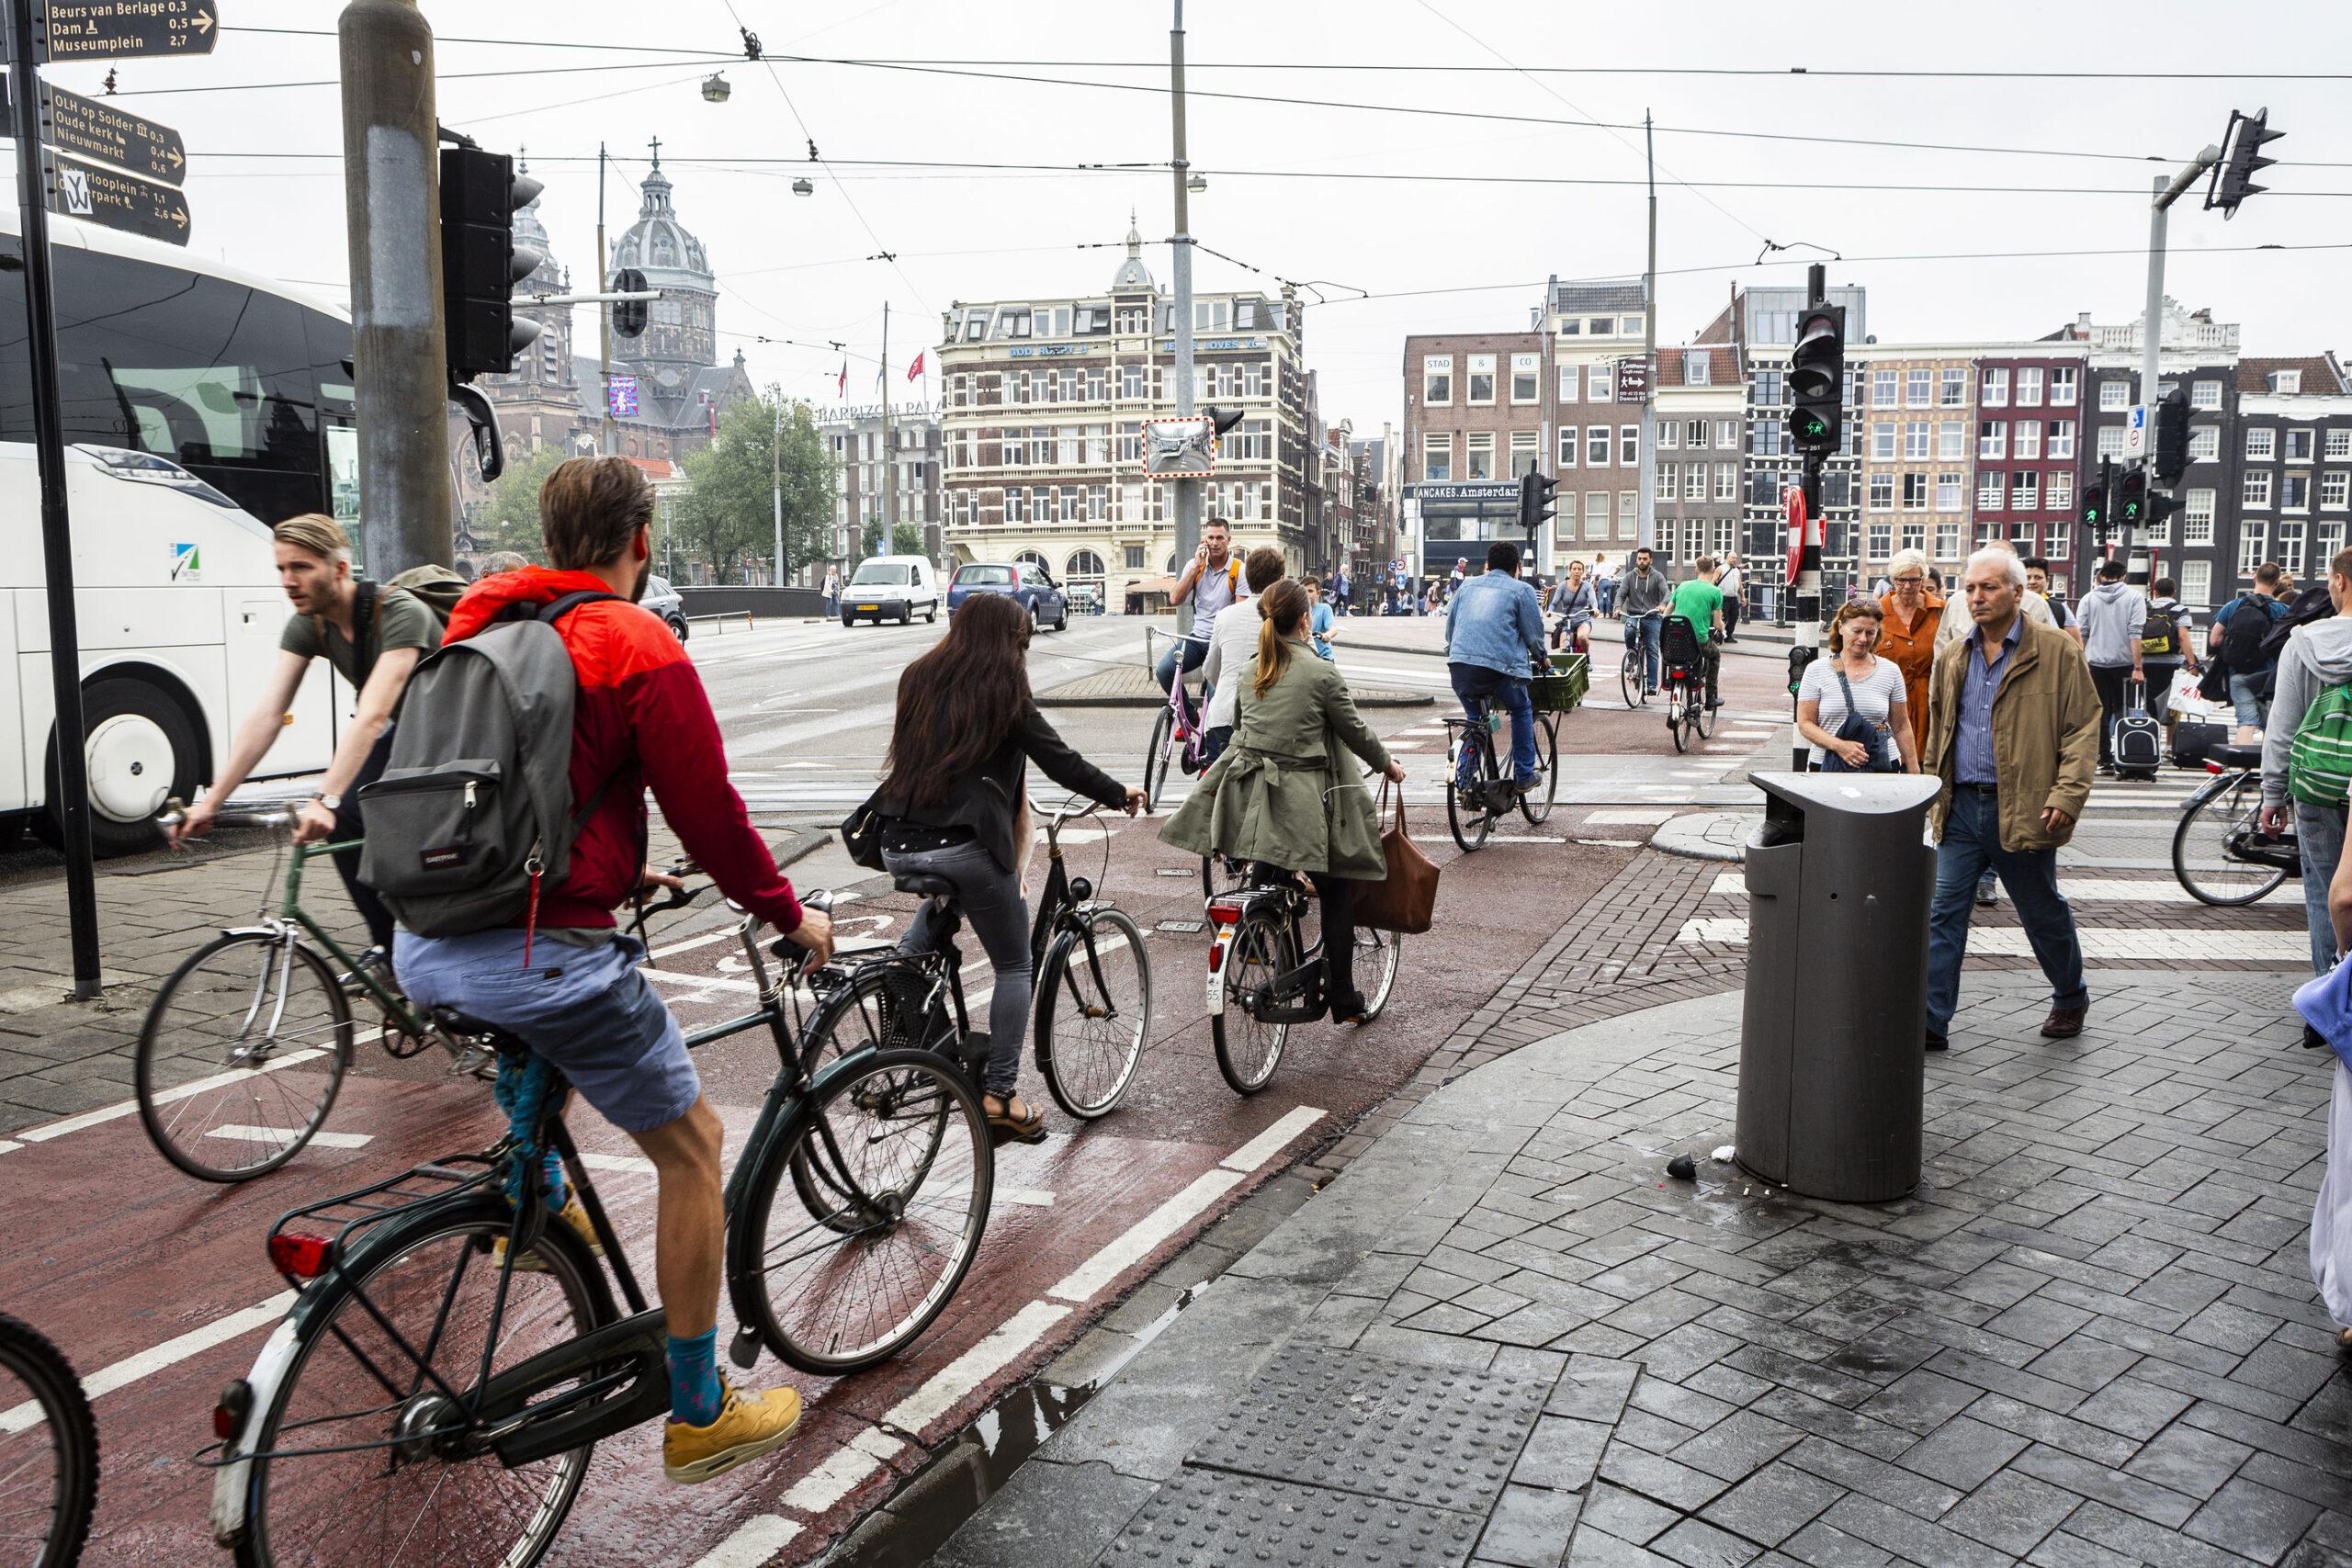 sykkel sykle Amsterdam sykkelfelter transport komme seg rundt